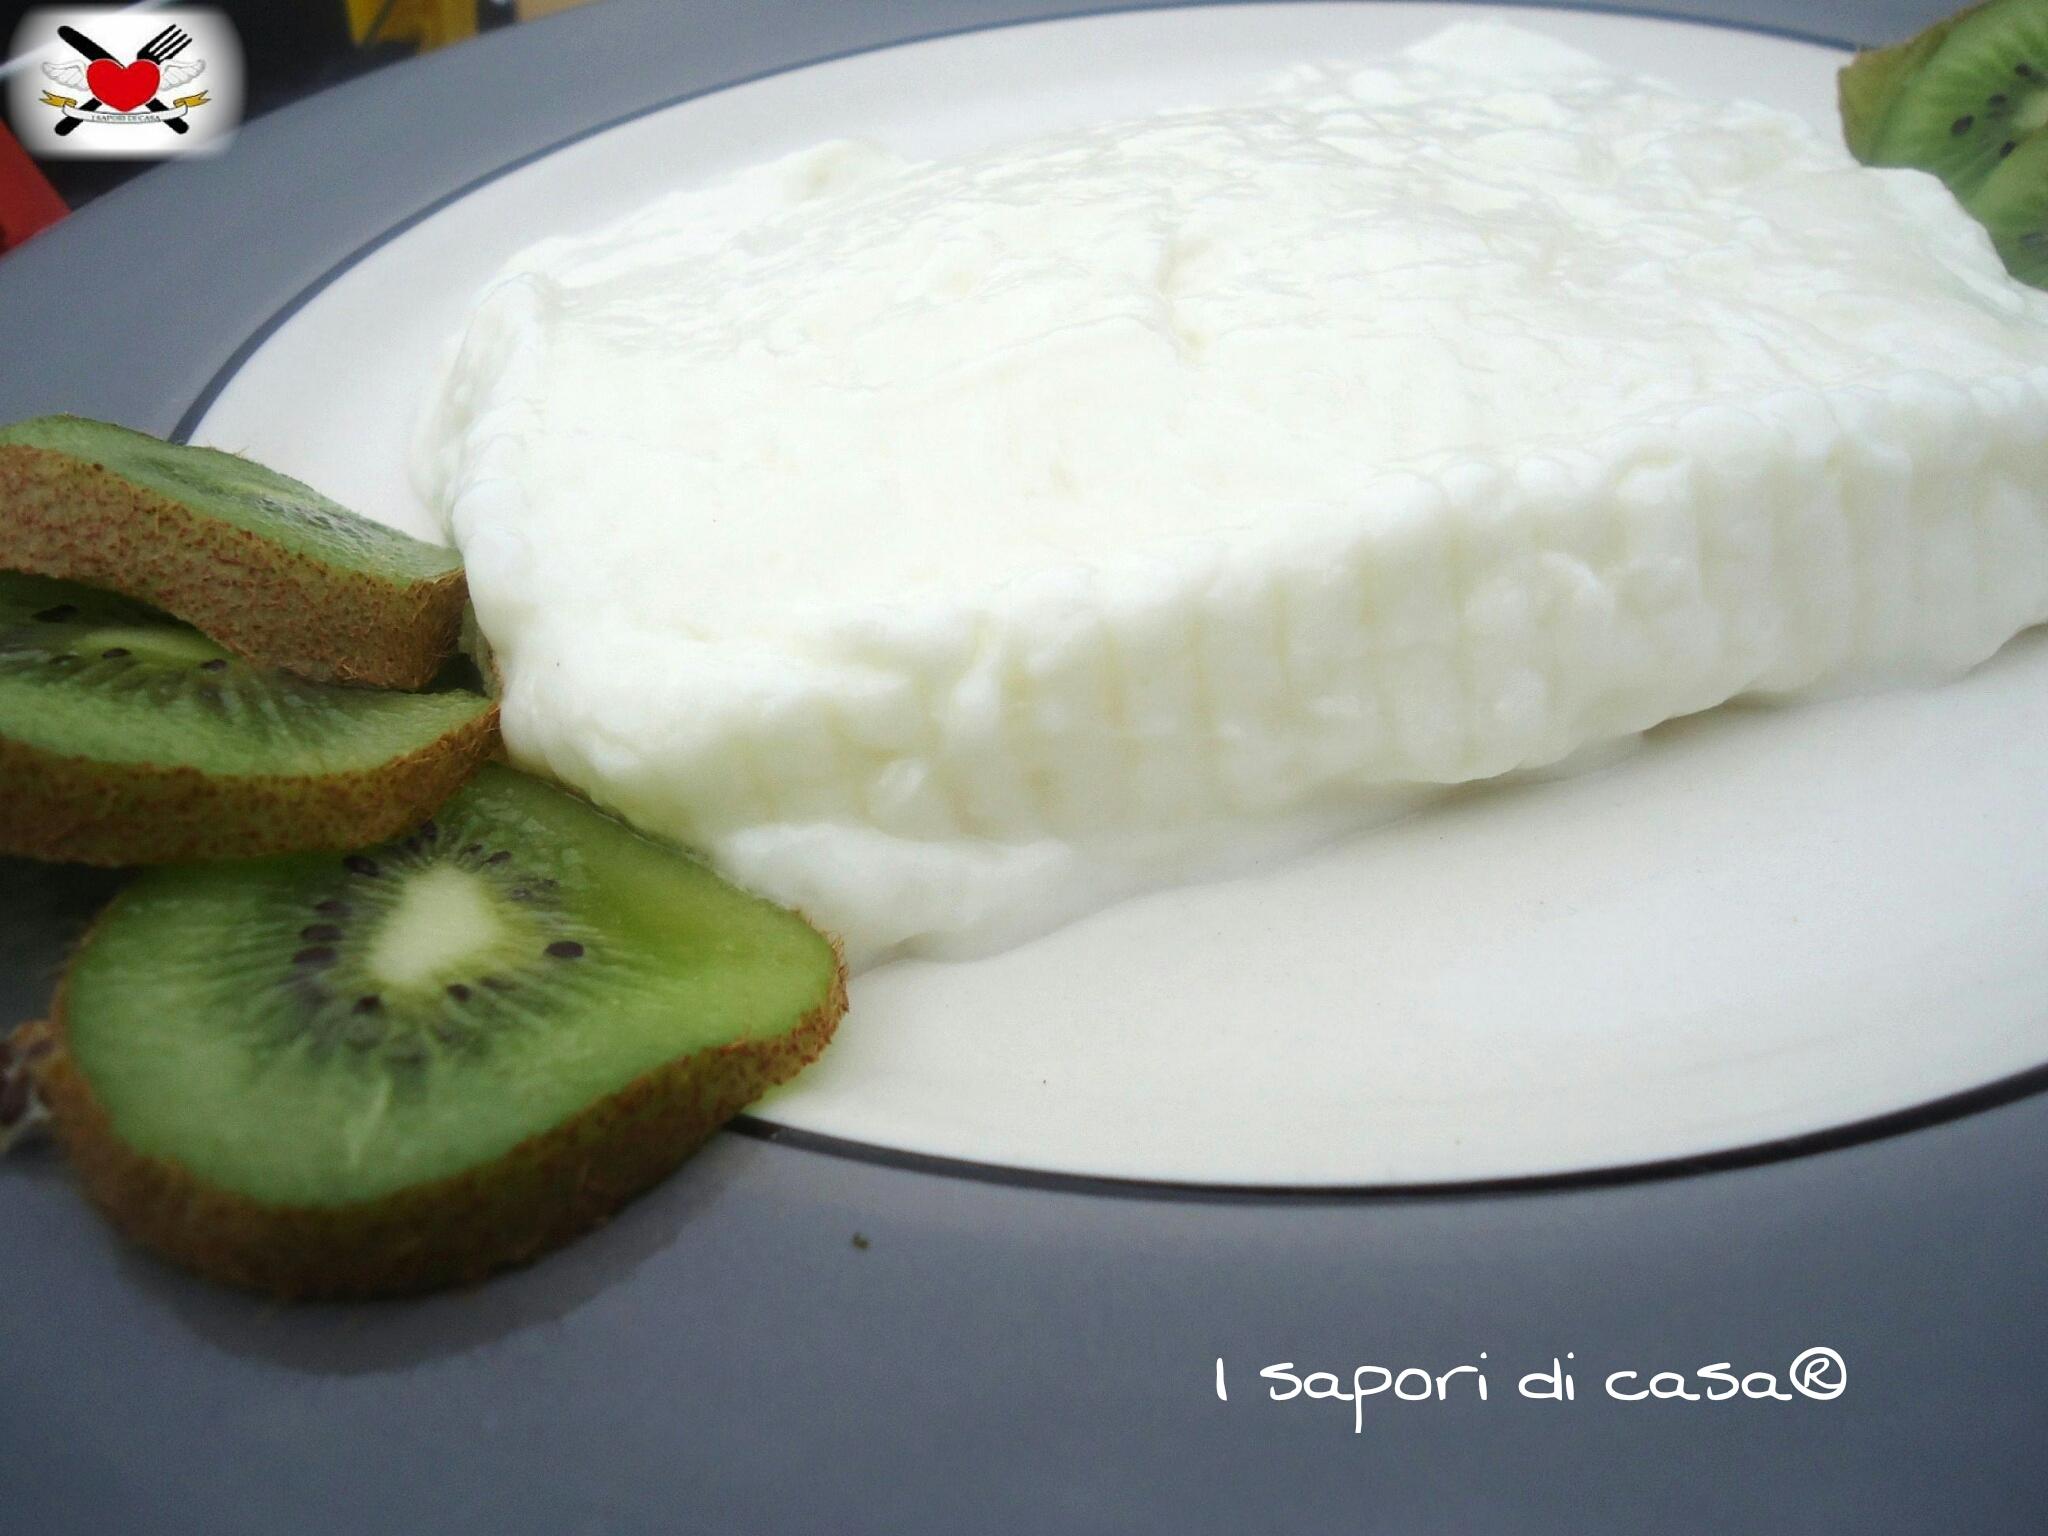 Stracchino fatto in casa - formaggio homemade